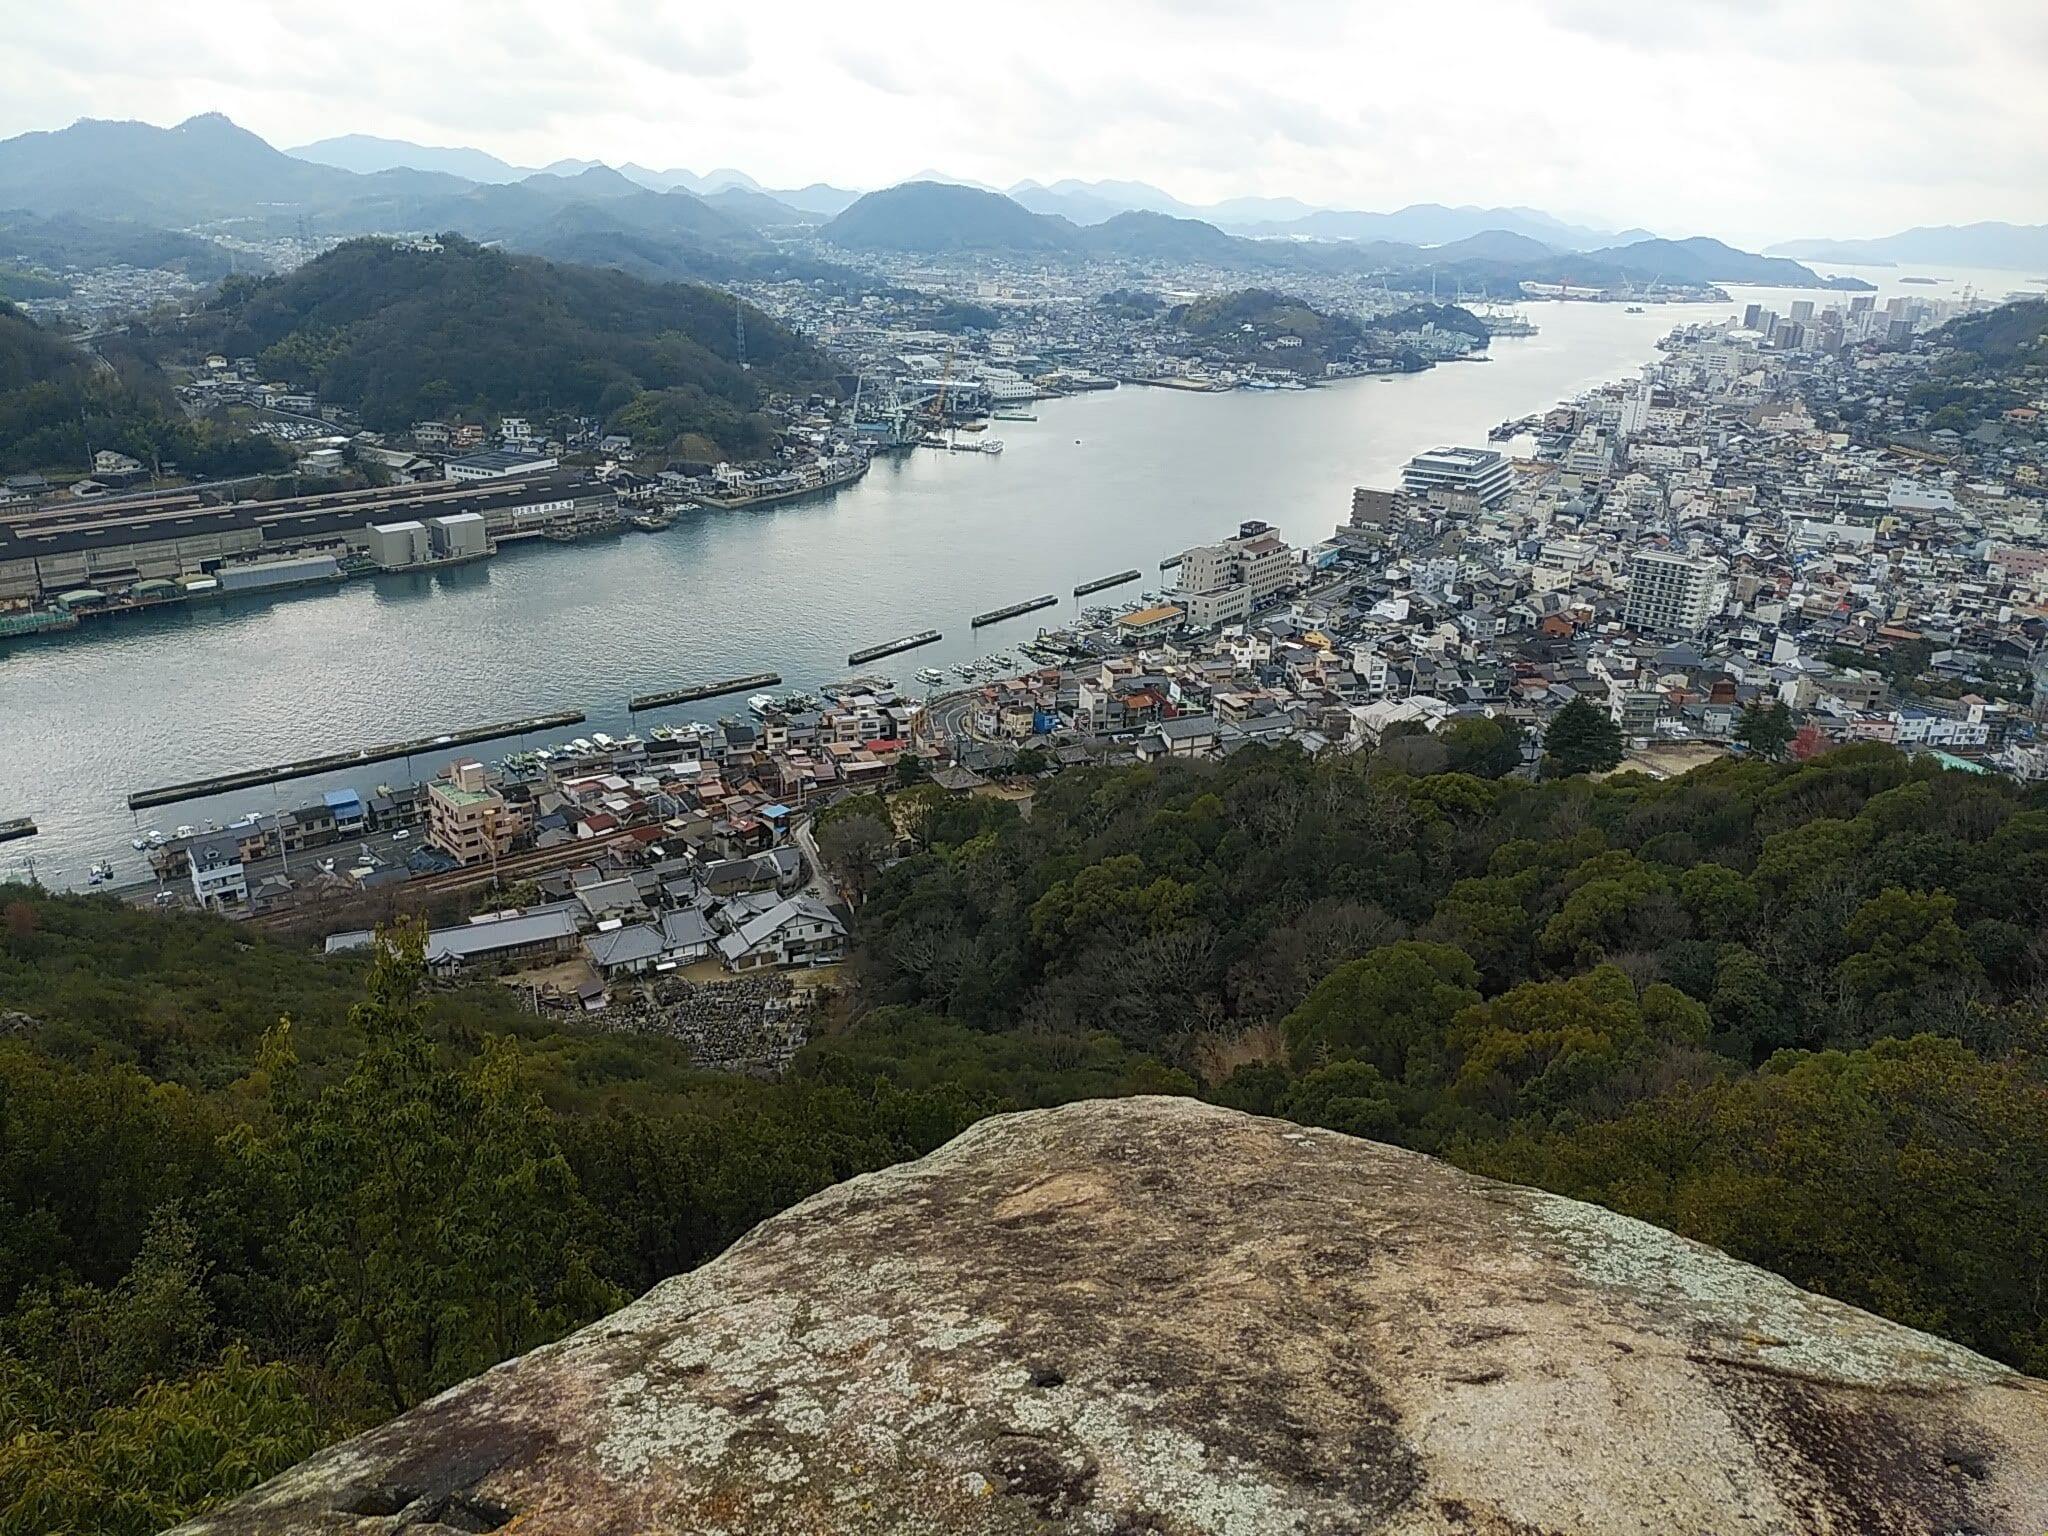 広島里山あるき「ひょんのき横あるき」チケット3月28日日曜日尾道市浄土寺山と猫の小路のイメージその3